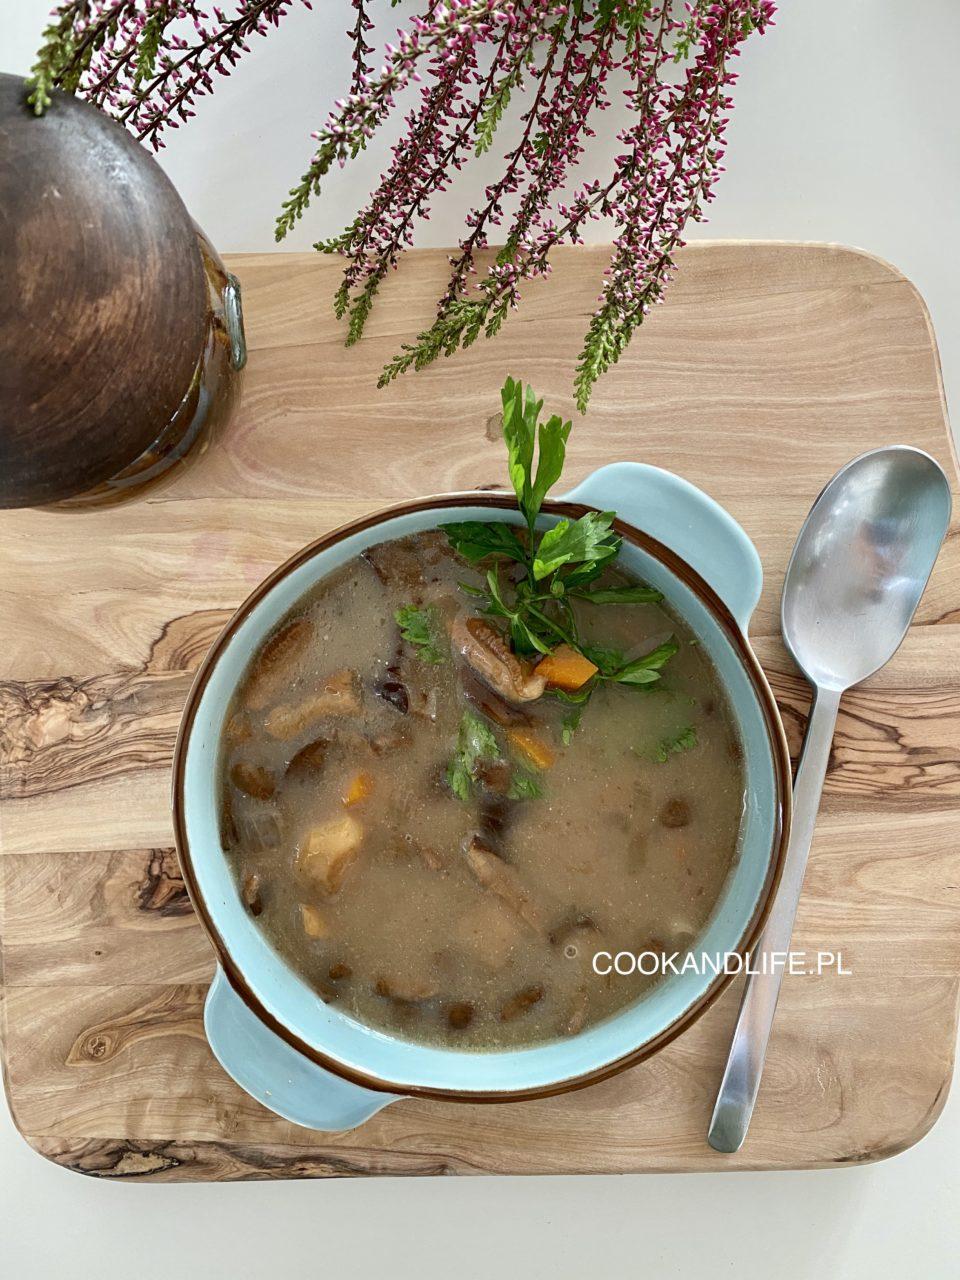 Zupa grzybowa ze świeżych grzybów - najprostszy przepis